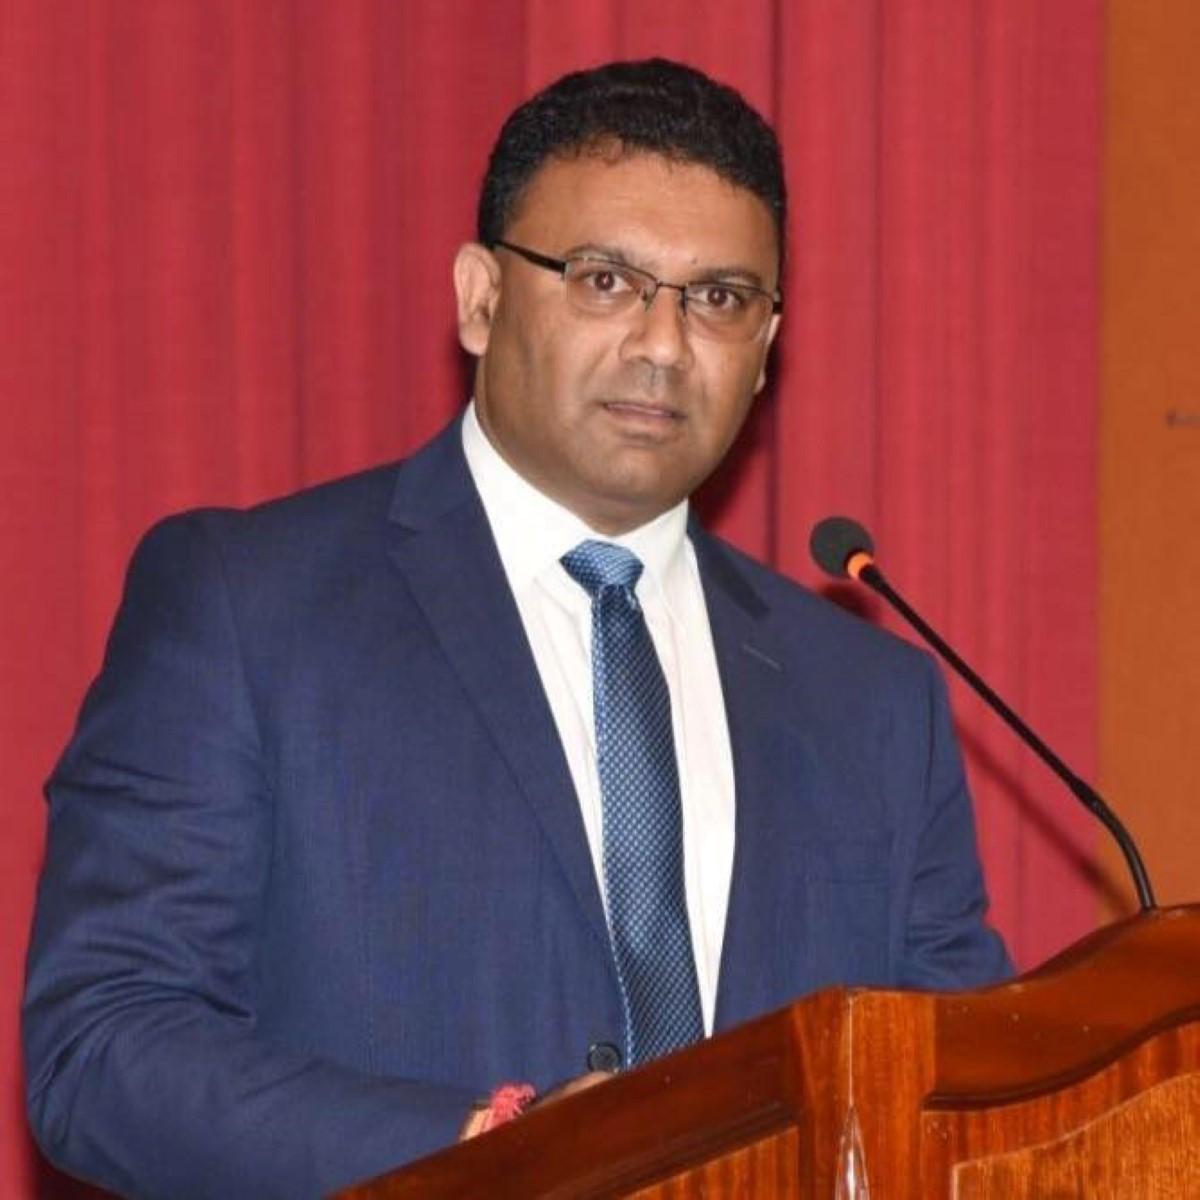 Emploi fictif : Sawmynaden convoqué en cour le 29 décembre